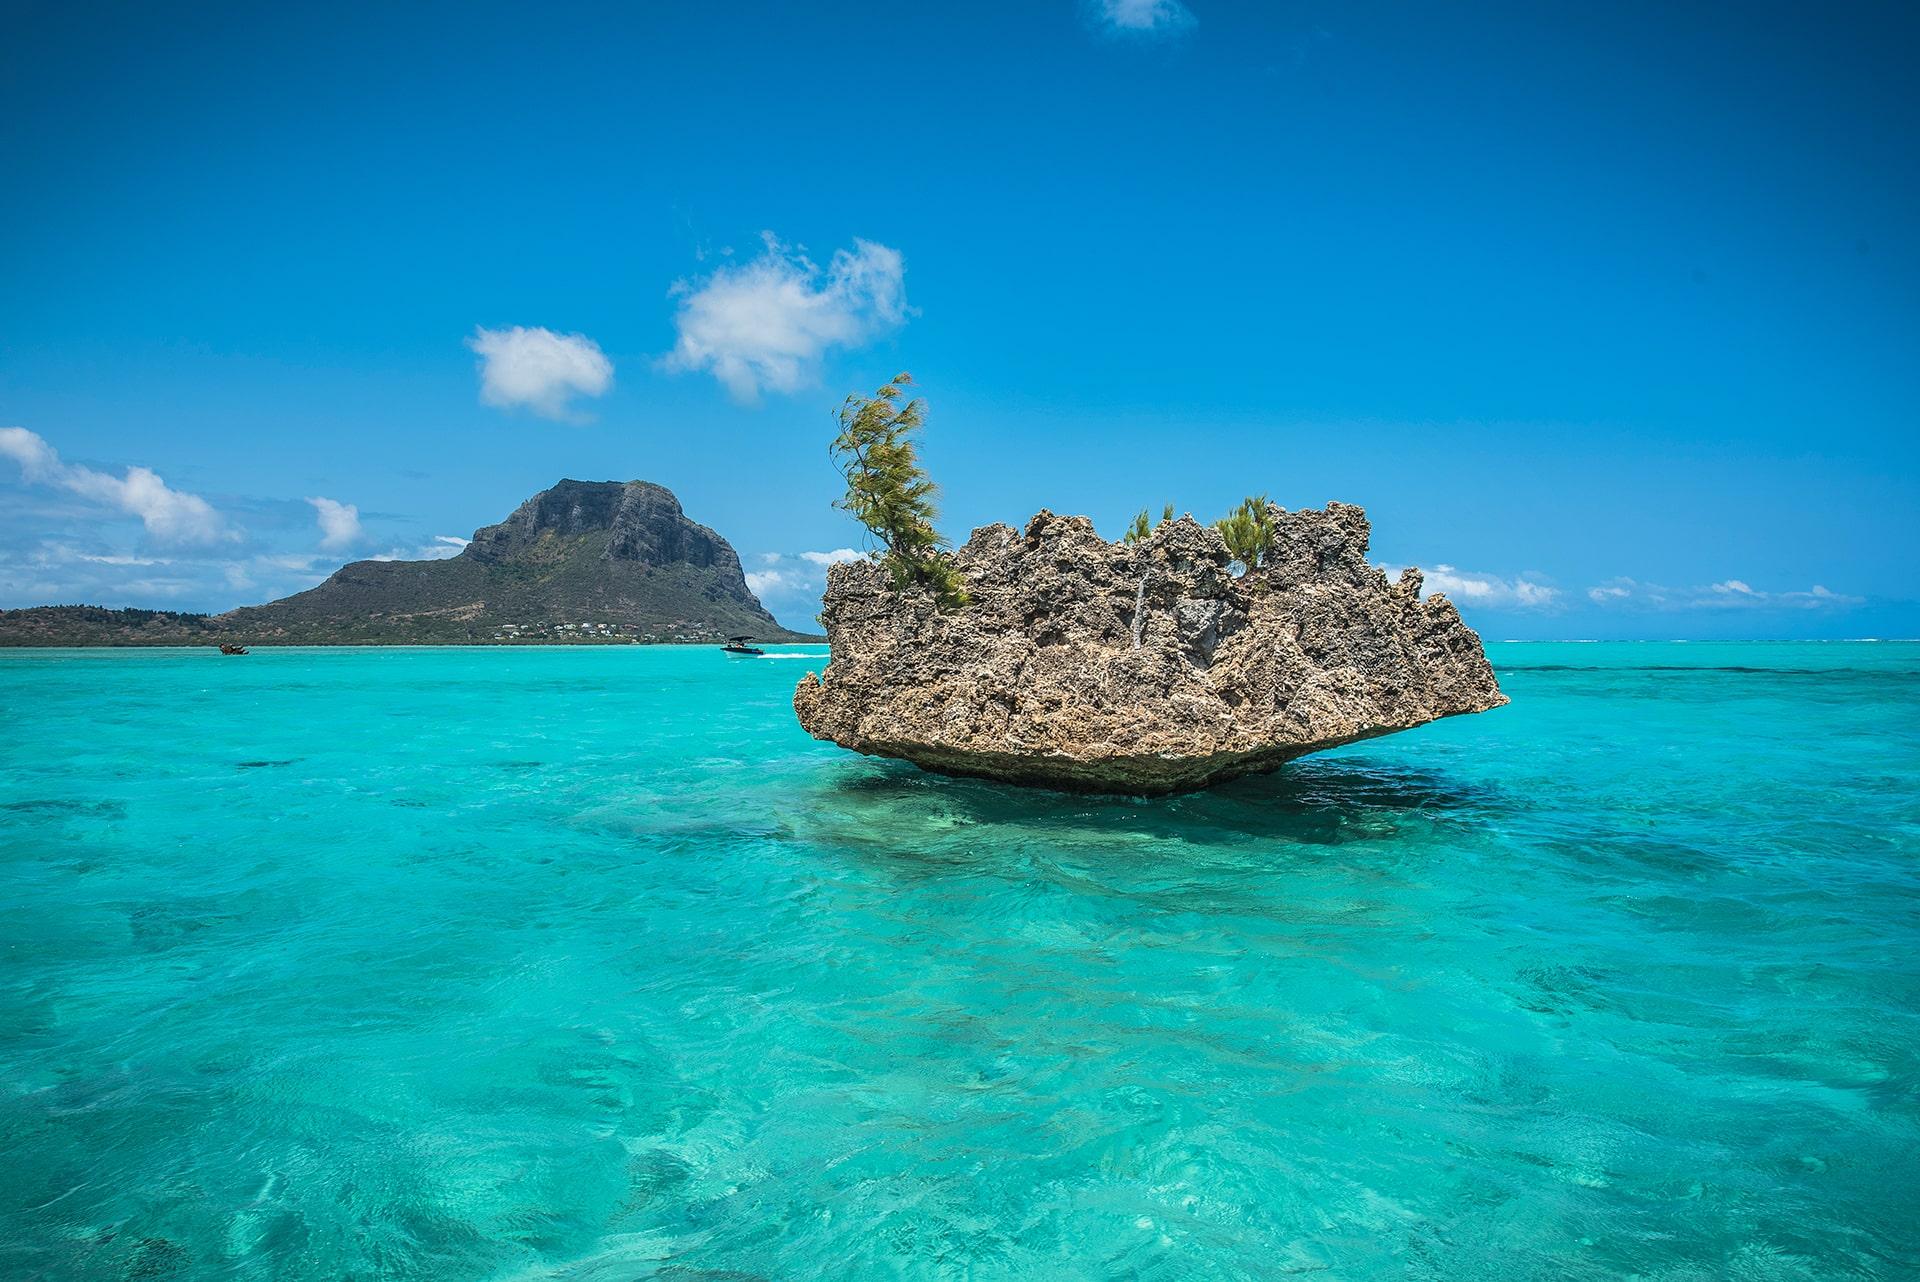 Le rocher de cristal, Le Morne- Le duo de choc ! L'île Maurice et l'île de la Réunion - Suivre sa Joie - Saskia Parein